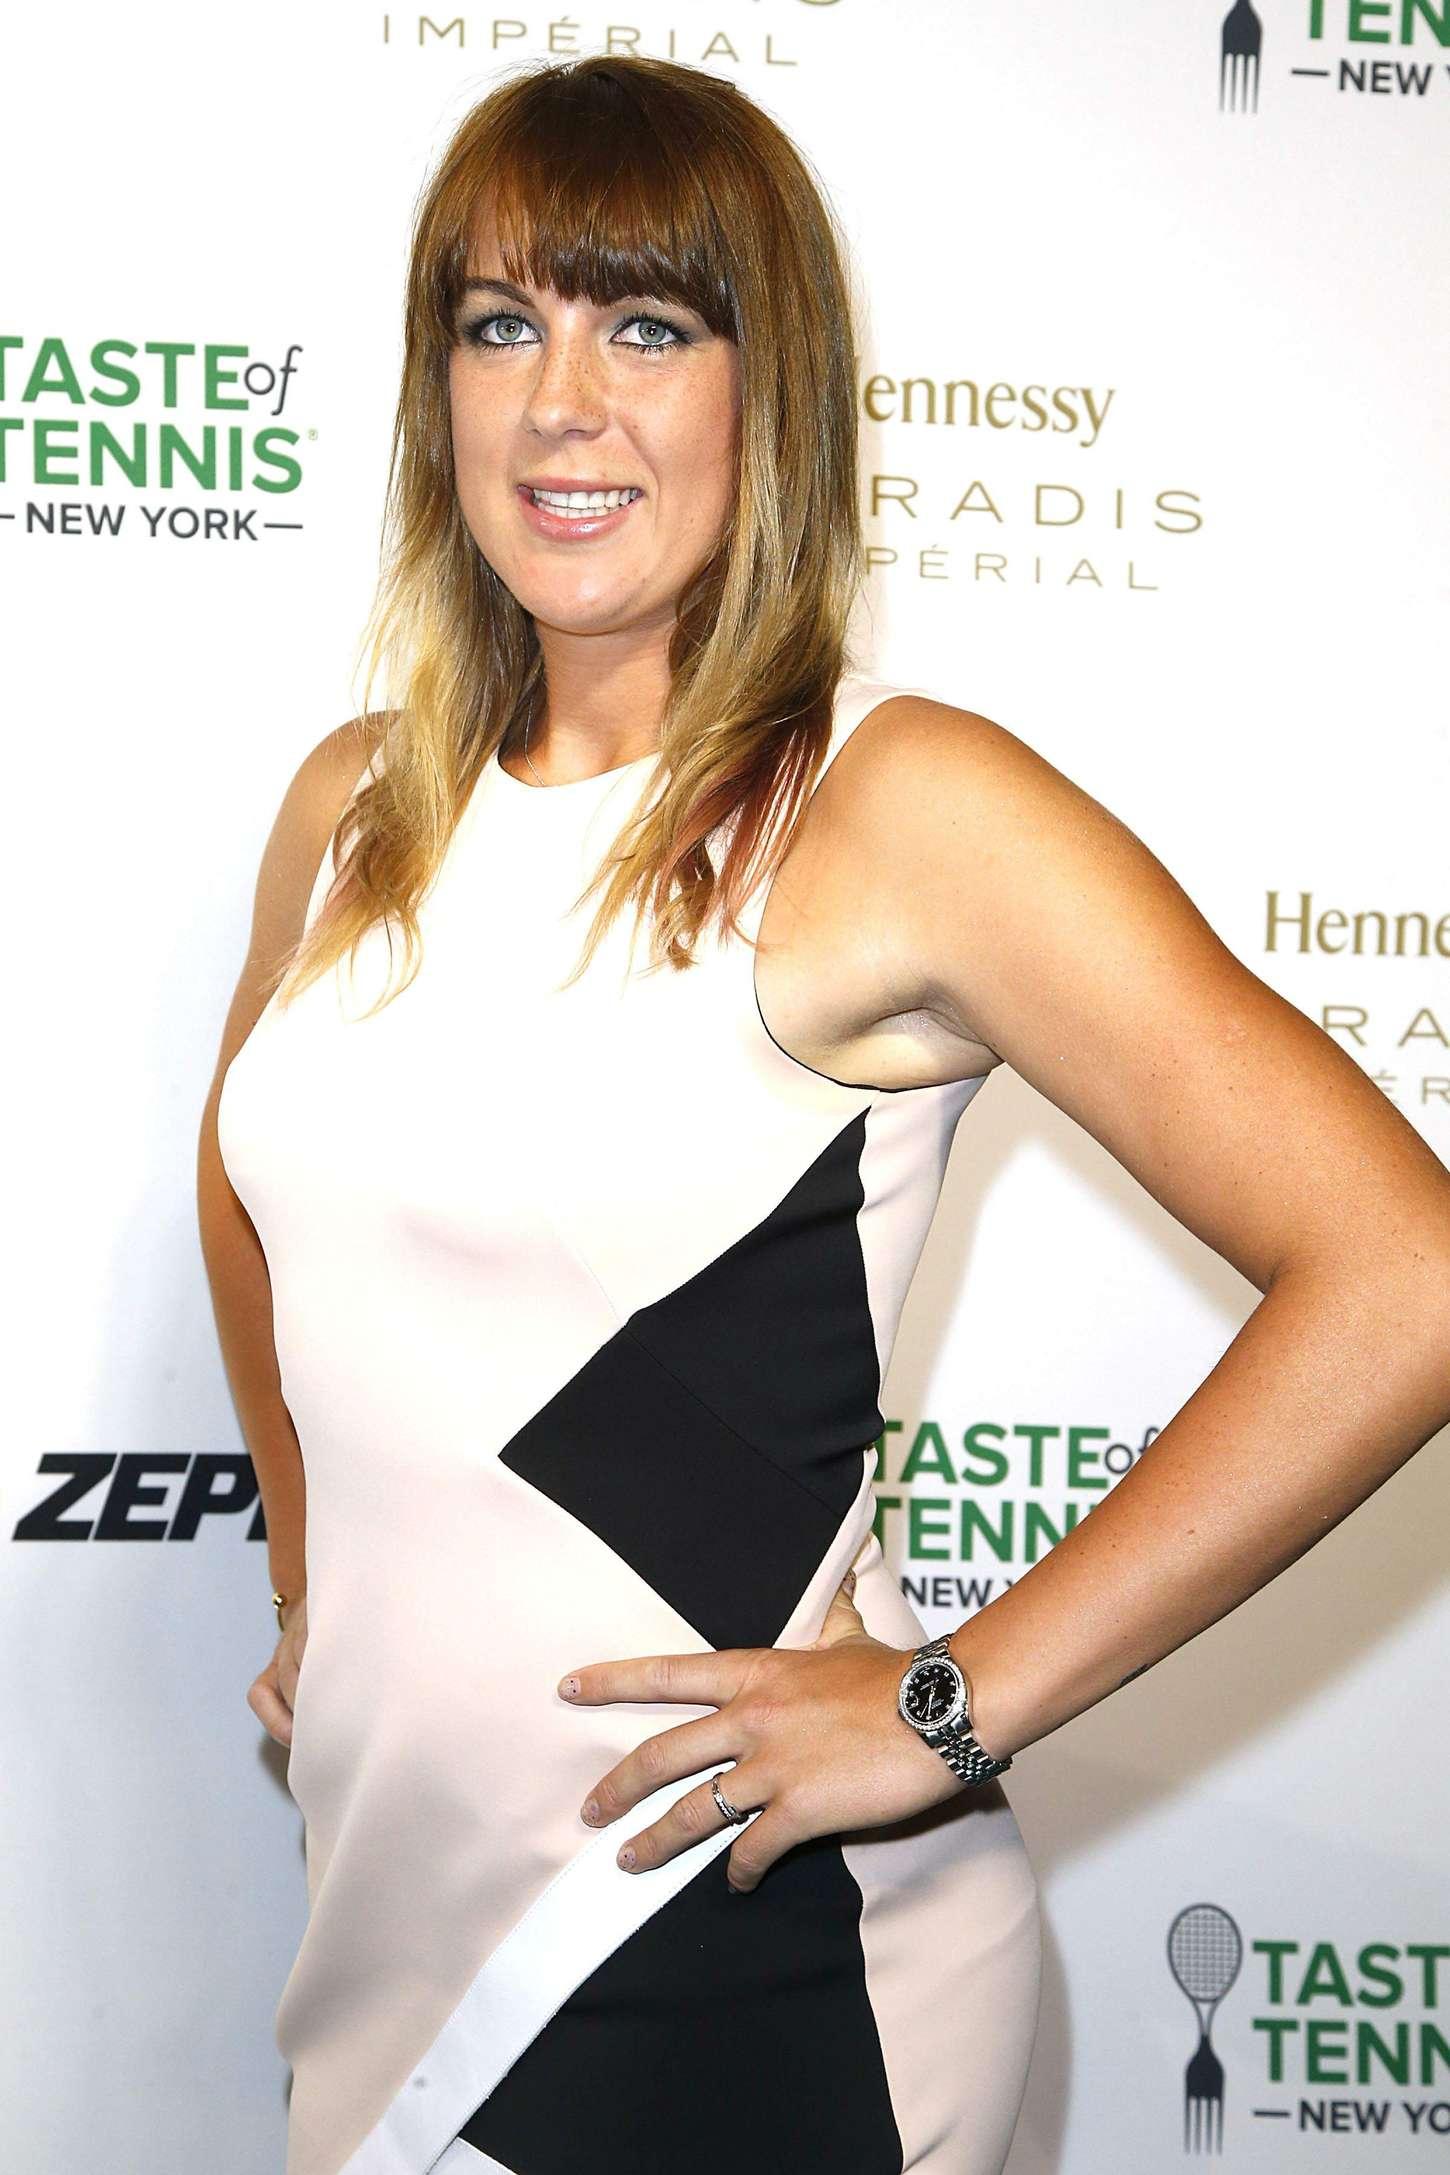 Anastasia Pavlyuchenkova - Taste of Tennis Gala in NYC